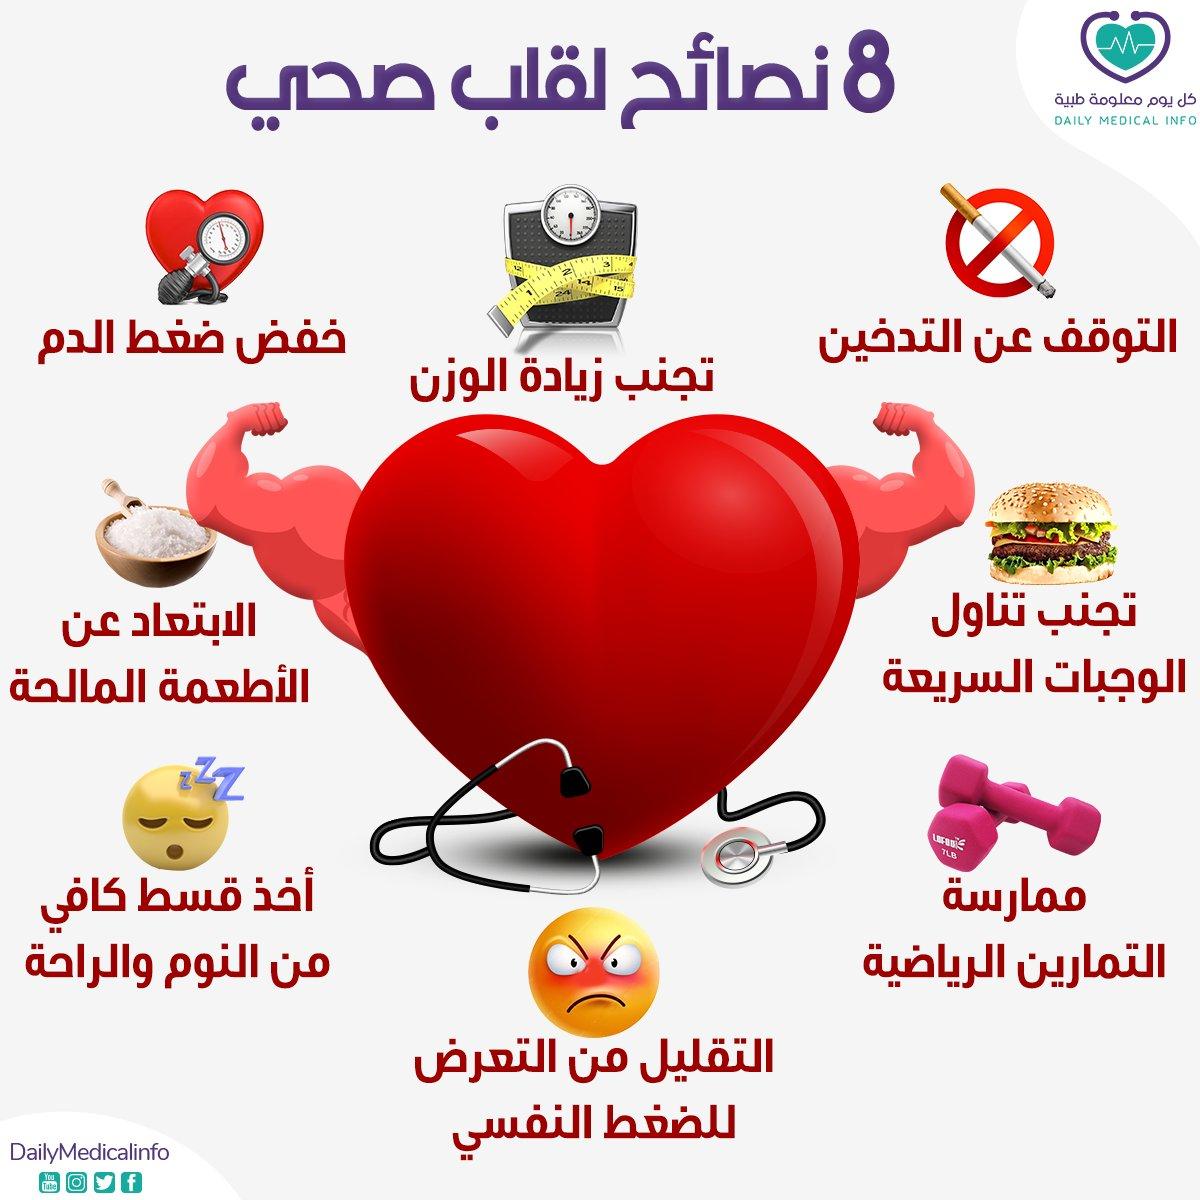 8 نصائح لقلب صحي